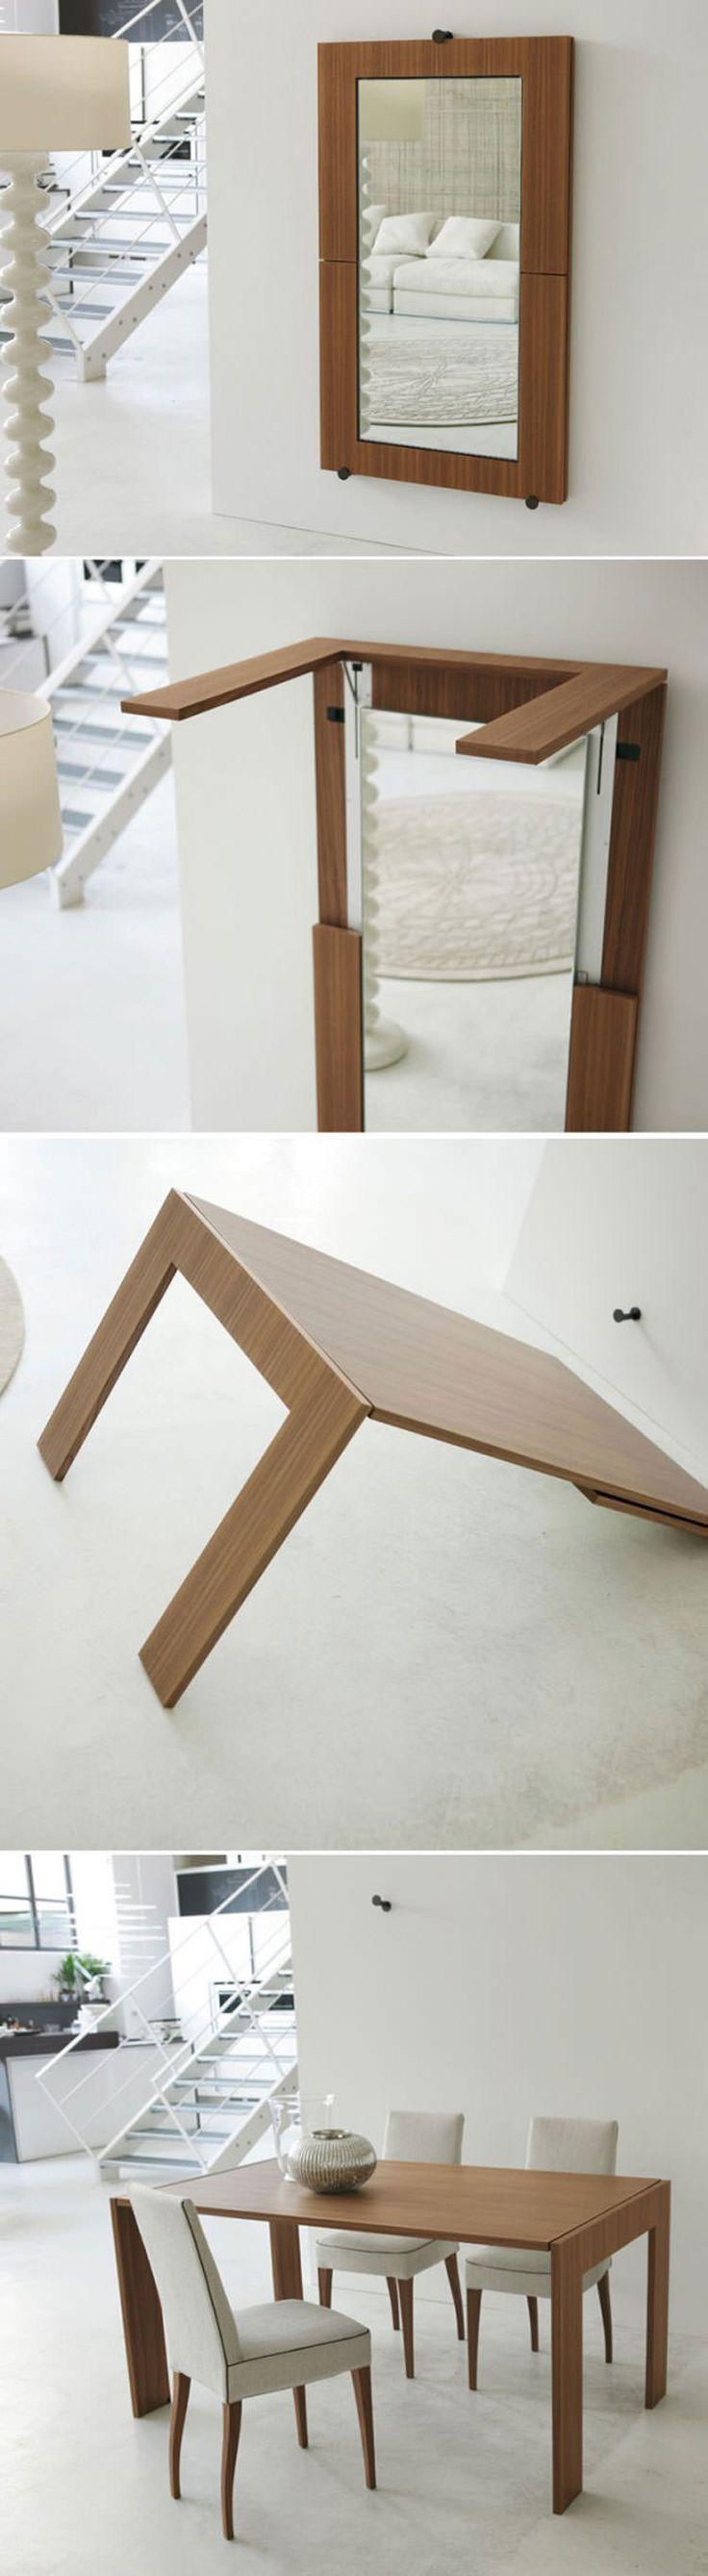 30 Tavoli Allungabili Moderni dal Design Particolare   MondoDesign.it